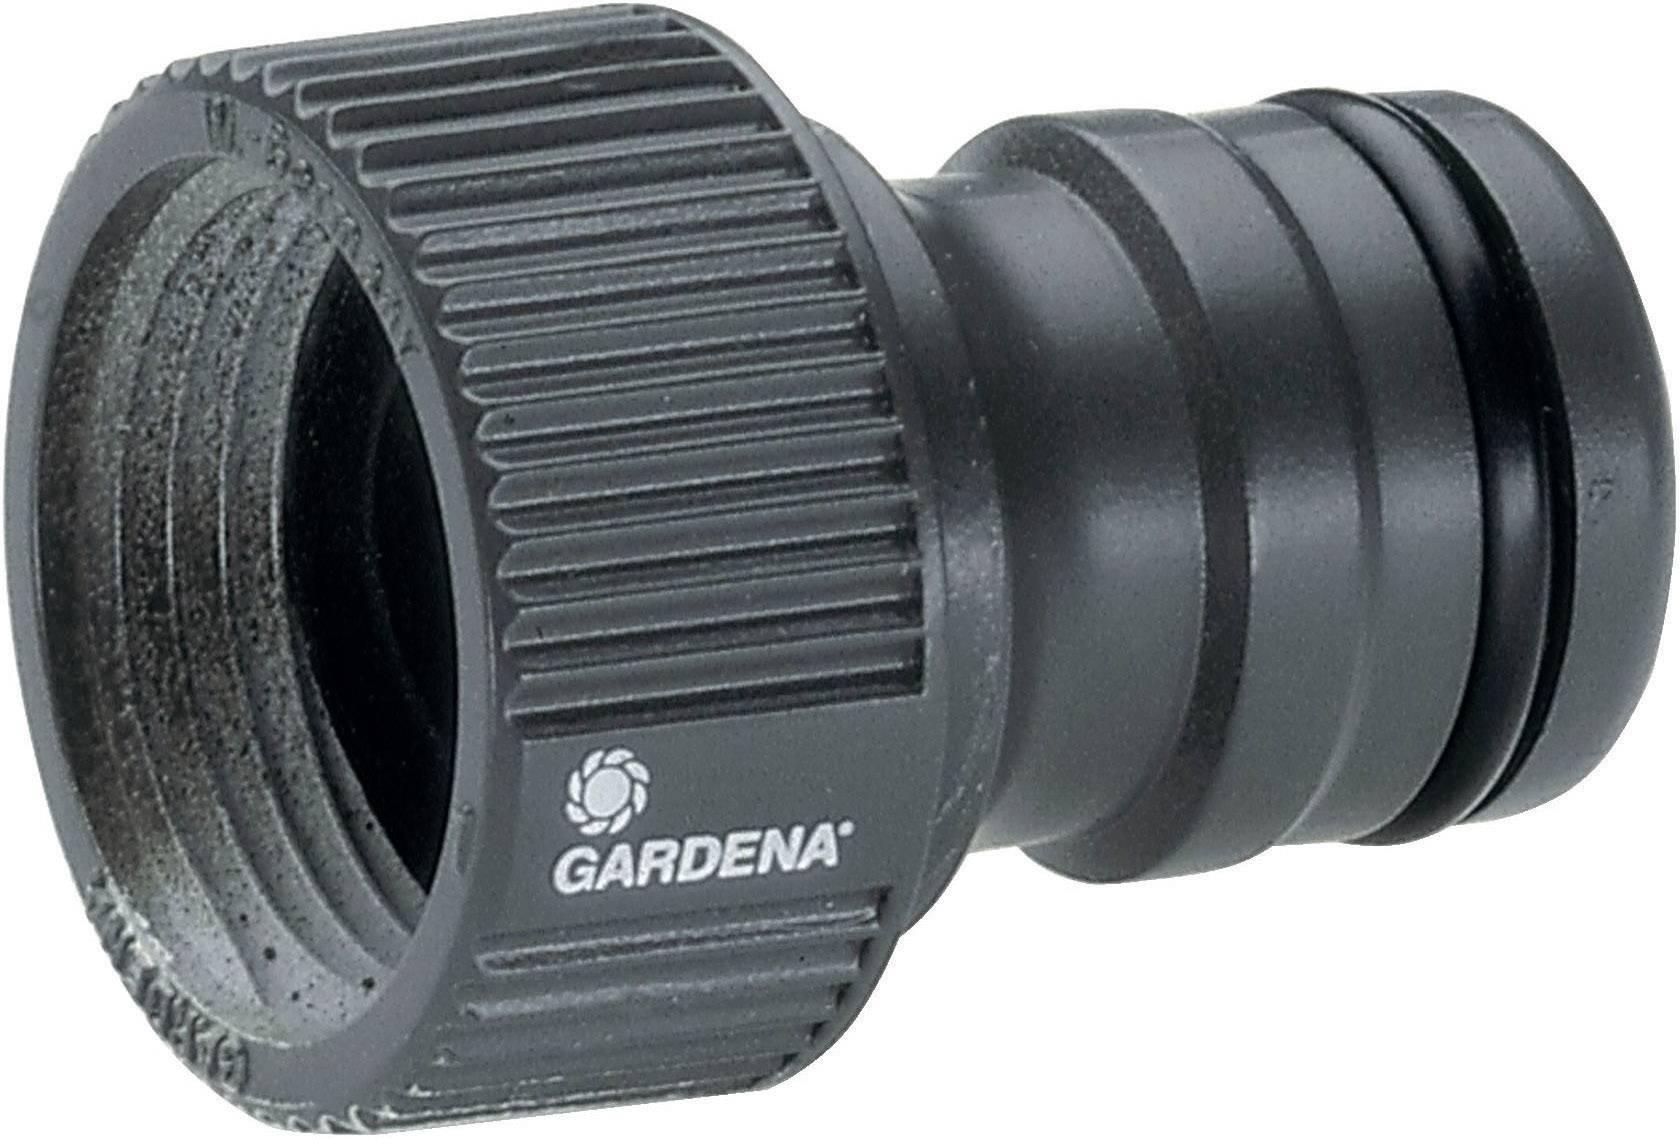 Přípojka se šroubením na vodovodní kohoutek Gardena Profi, 26,5mm (G 3/4) závit